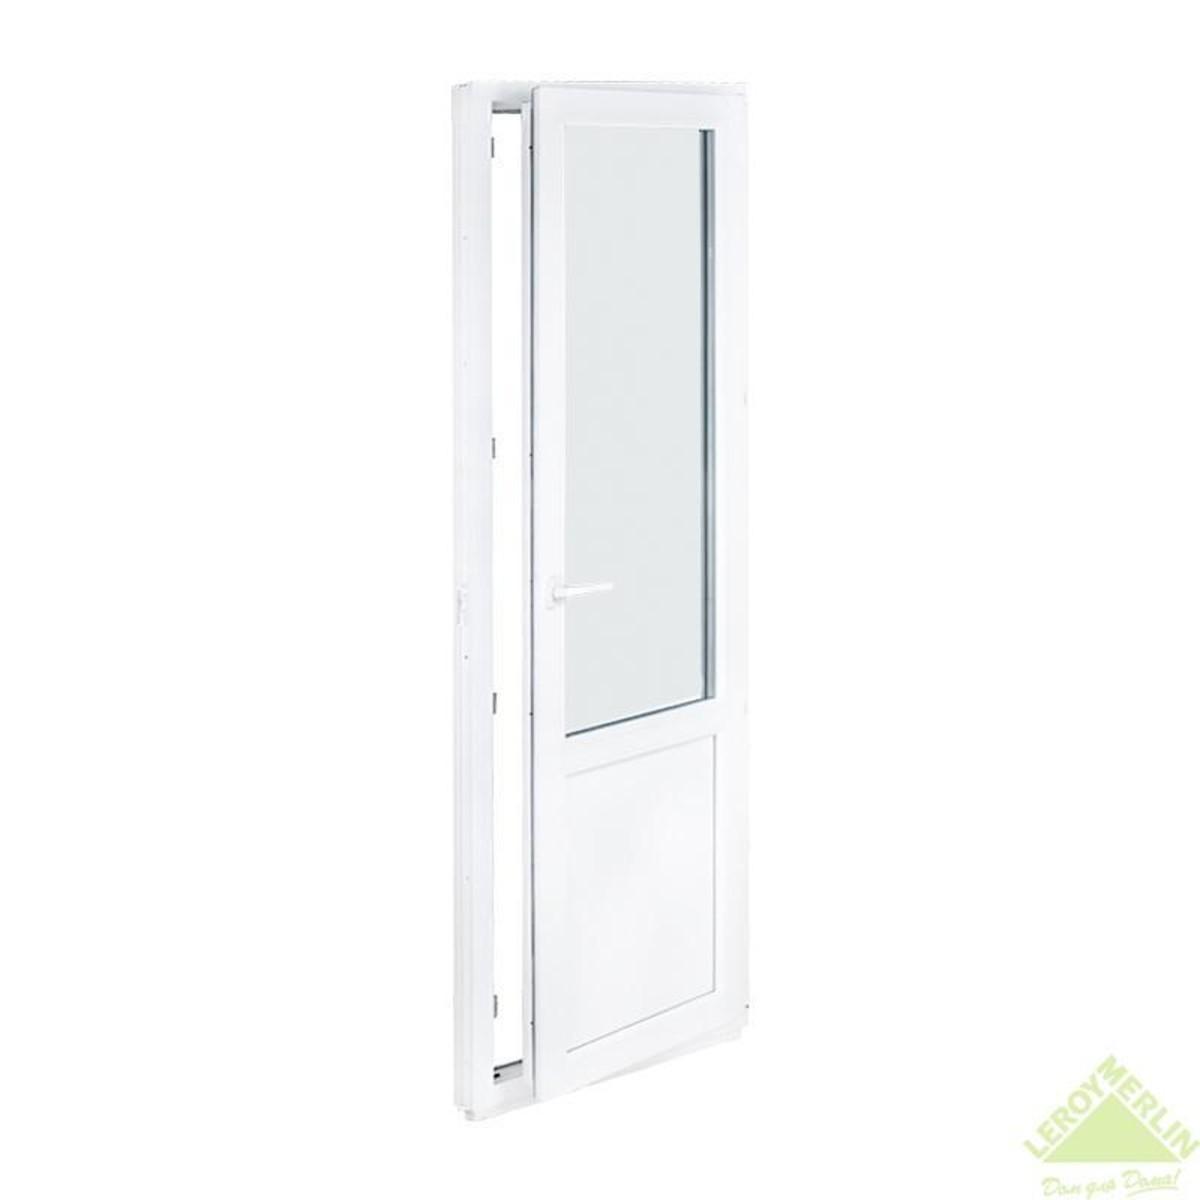 Дверь Балконная Пвх 70Х210 Cм Правая